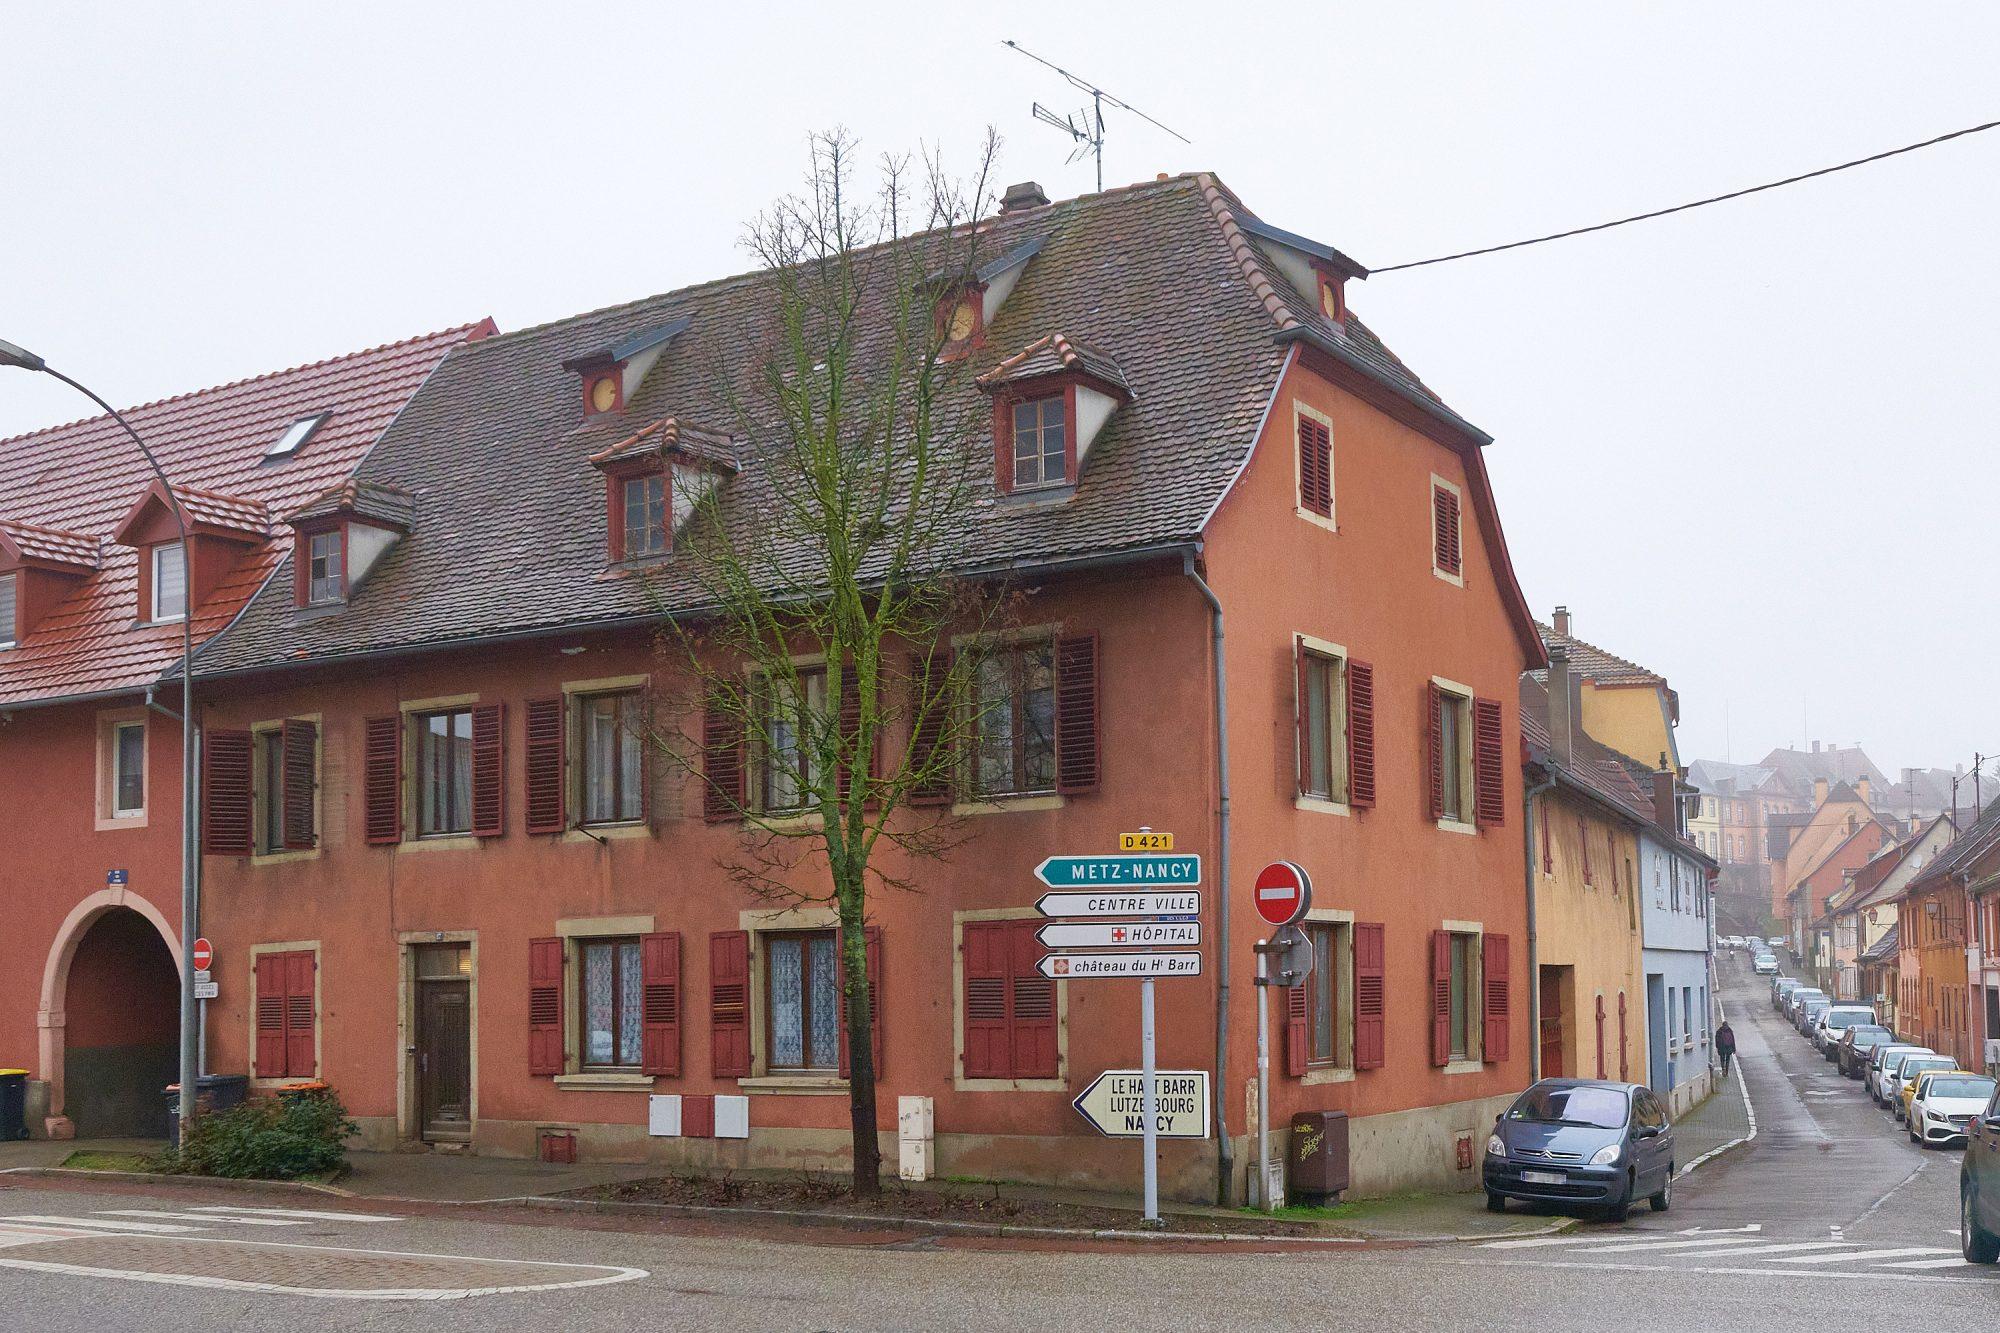 Immeuble à SAVERNE - Devenez propriétaire en toute confiance - Bintz Immobilier - 1